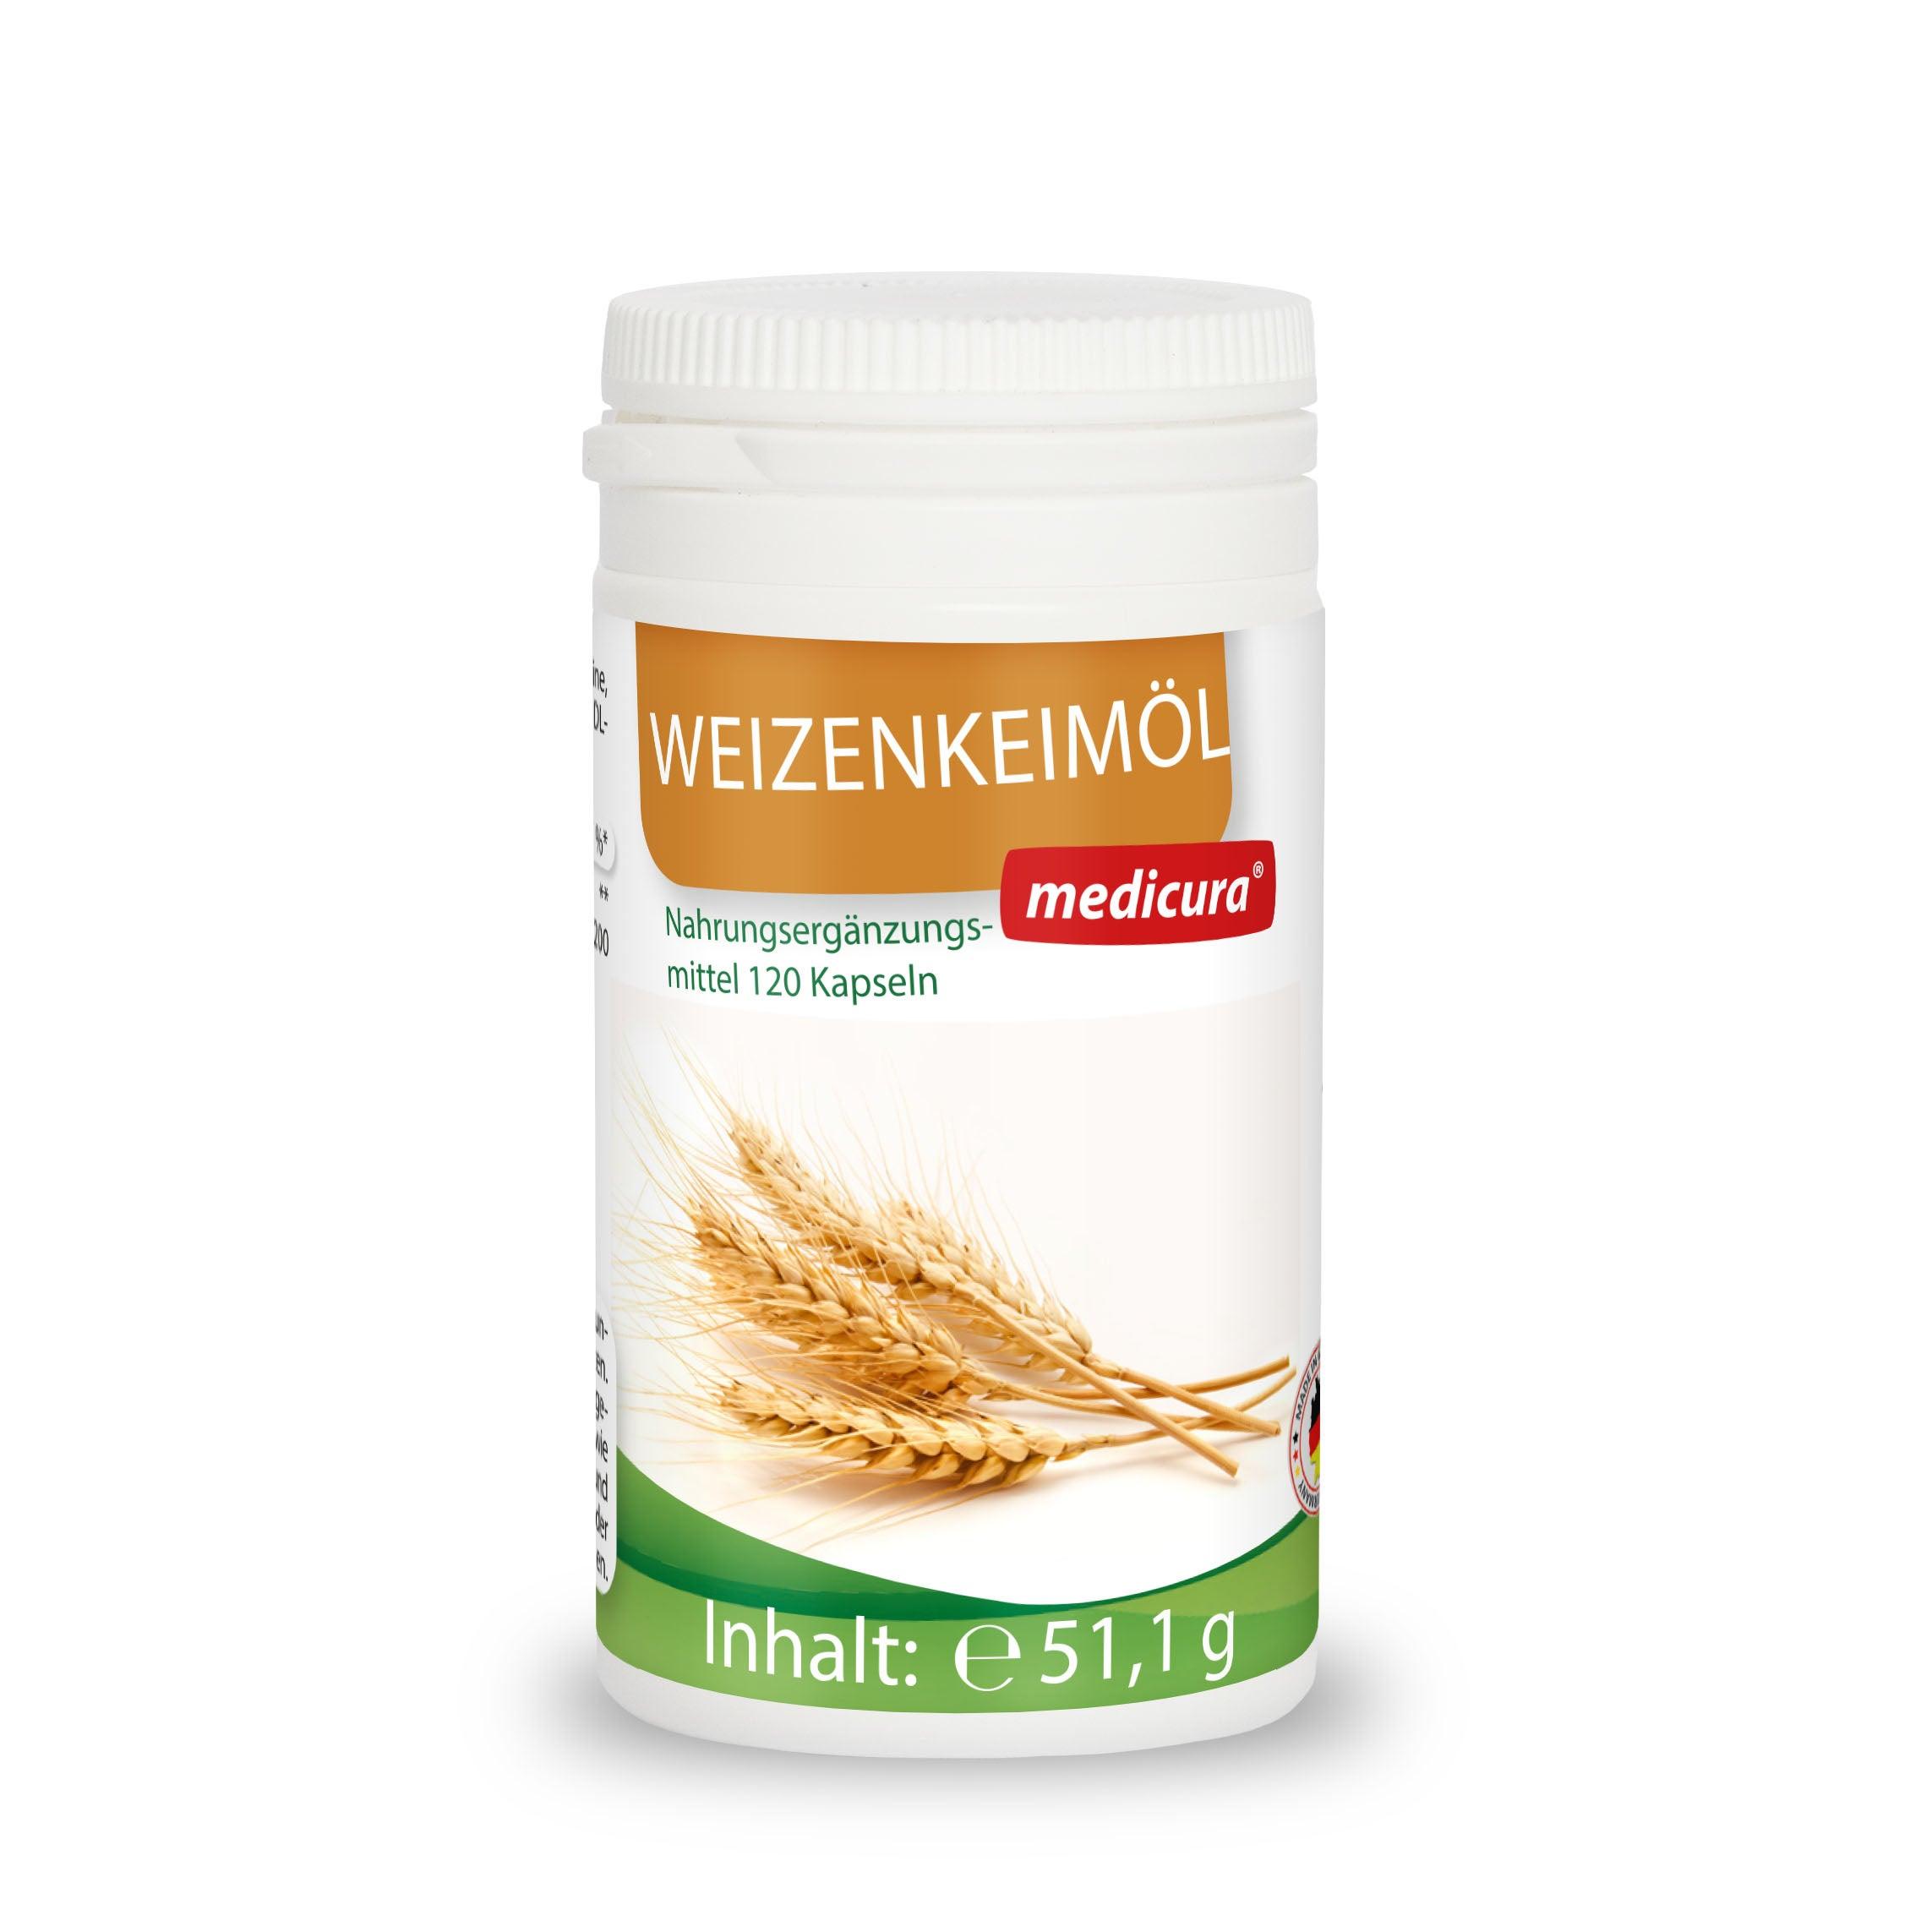 Weizenkeimöl - 120 Kapseln